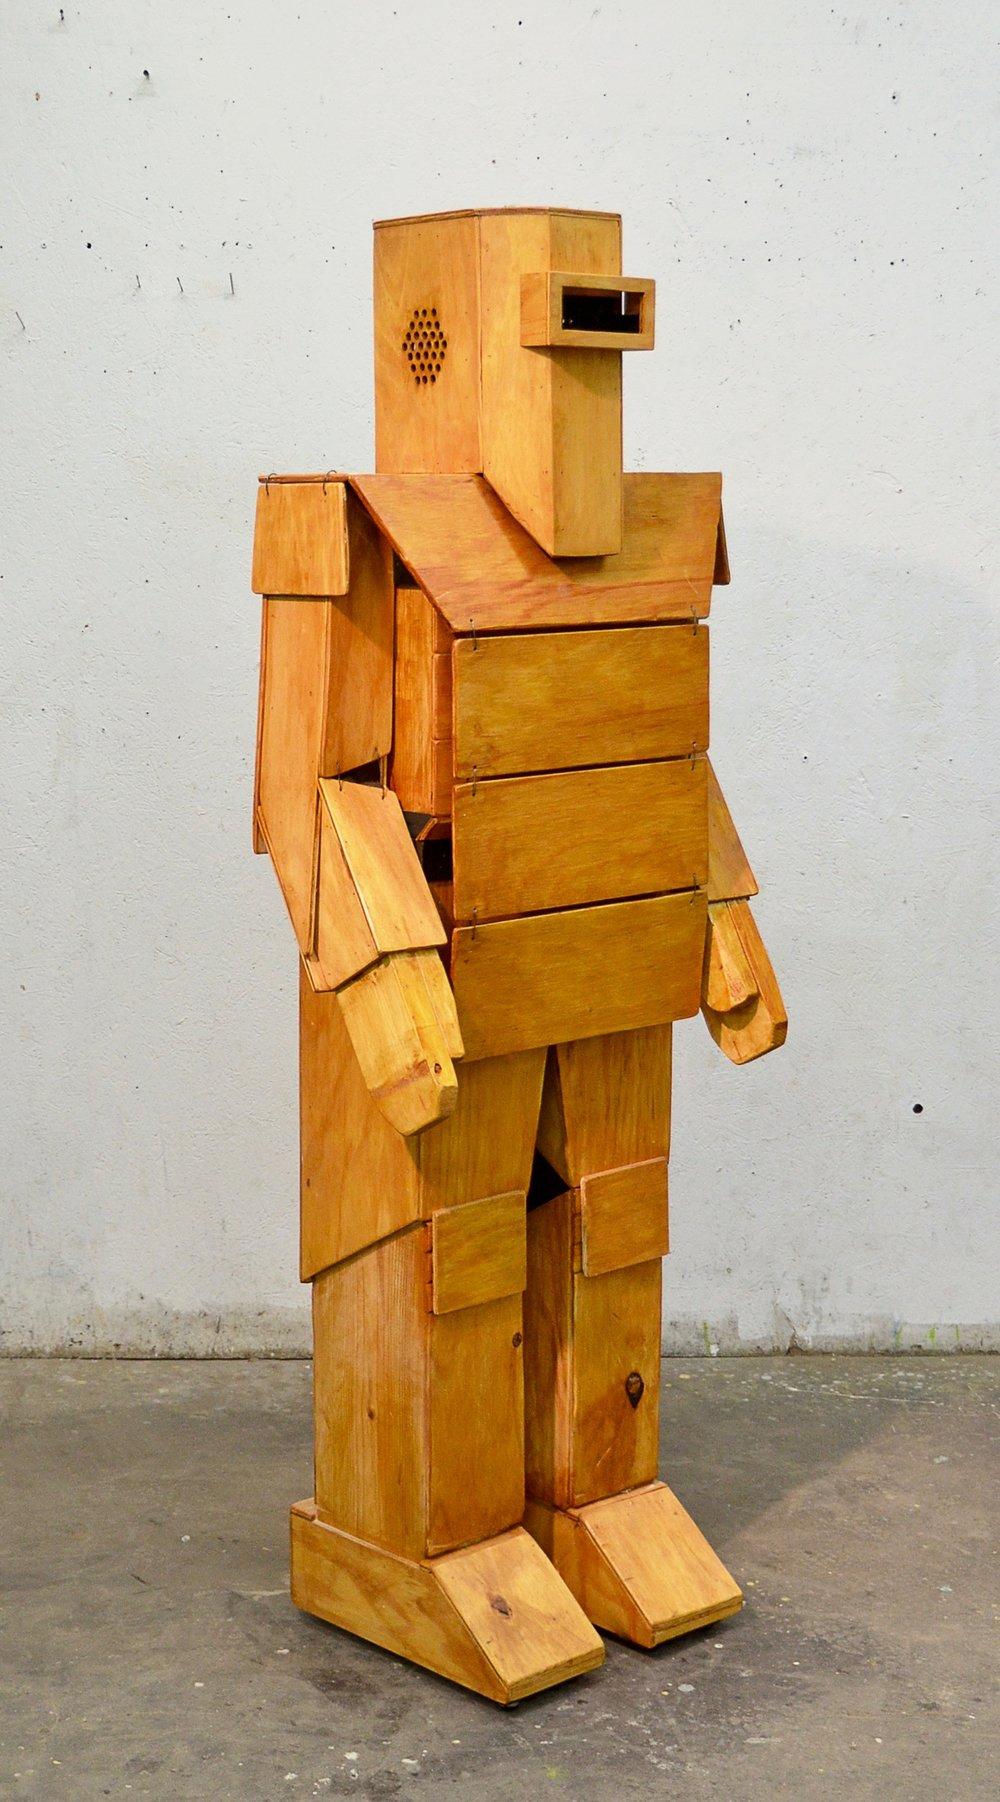 Robot #6